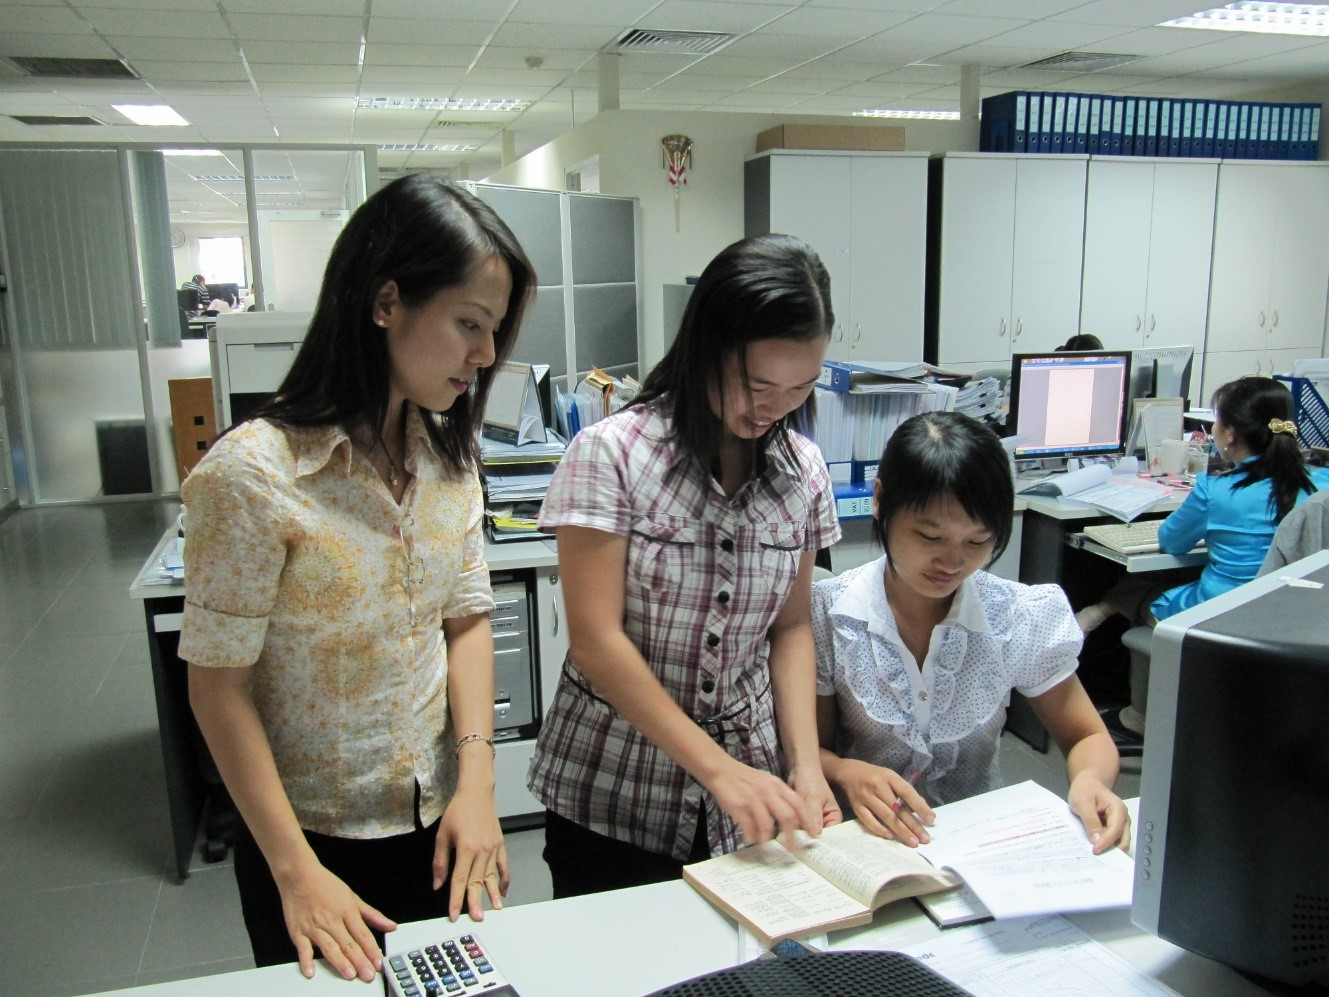 sinh viên thất nghiệp-kenhthongtingiaoduc